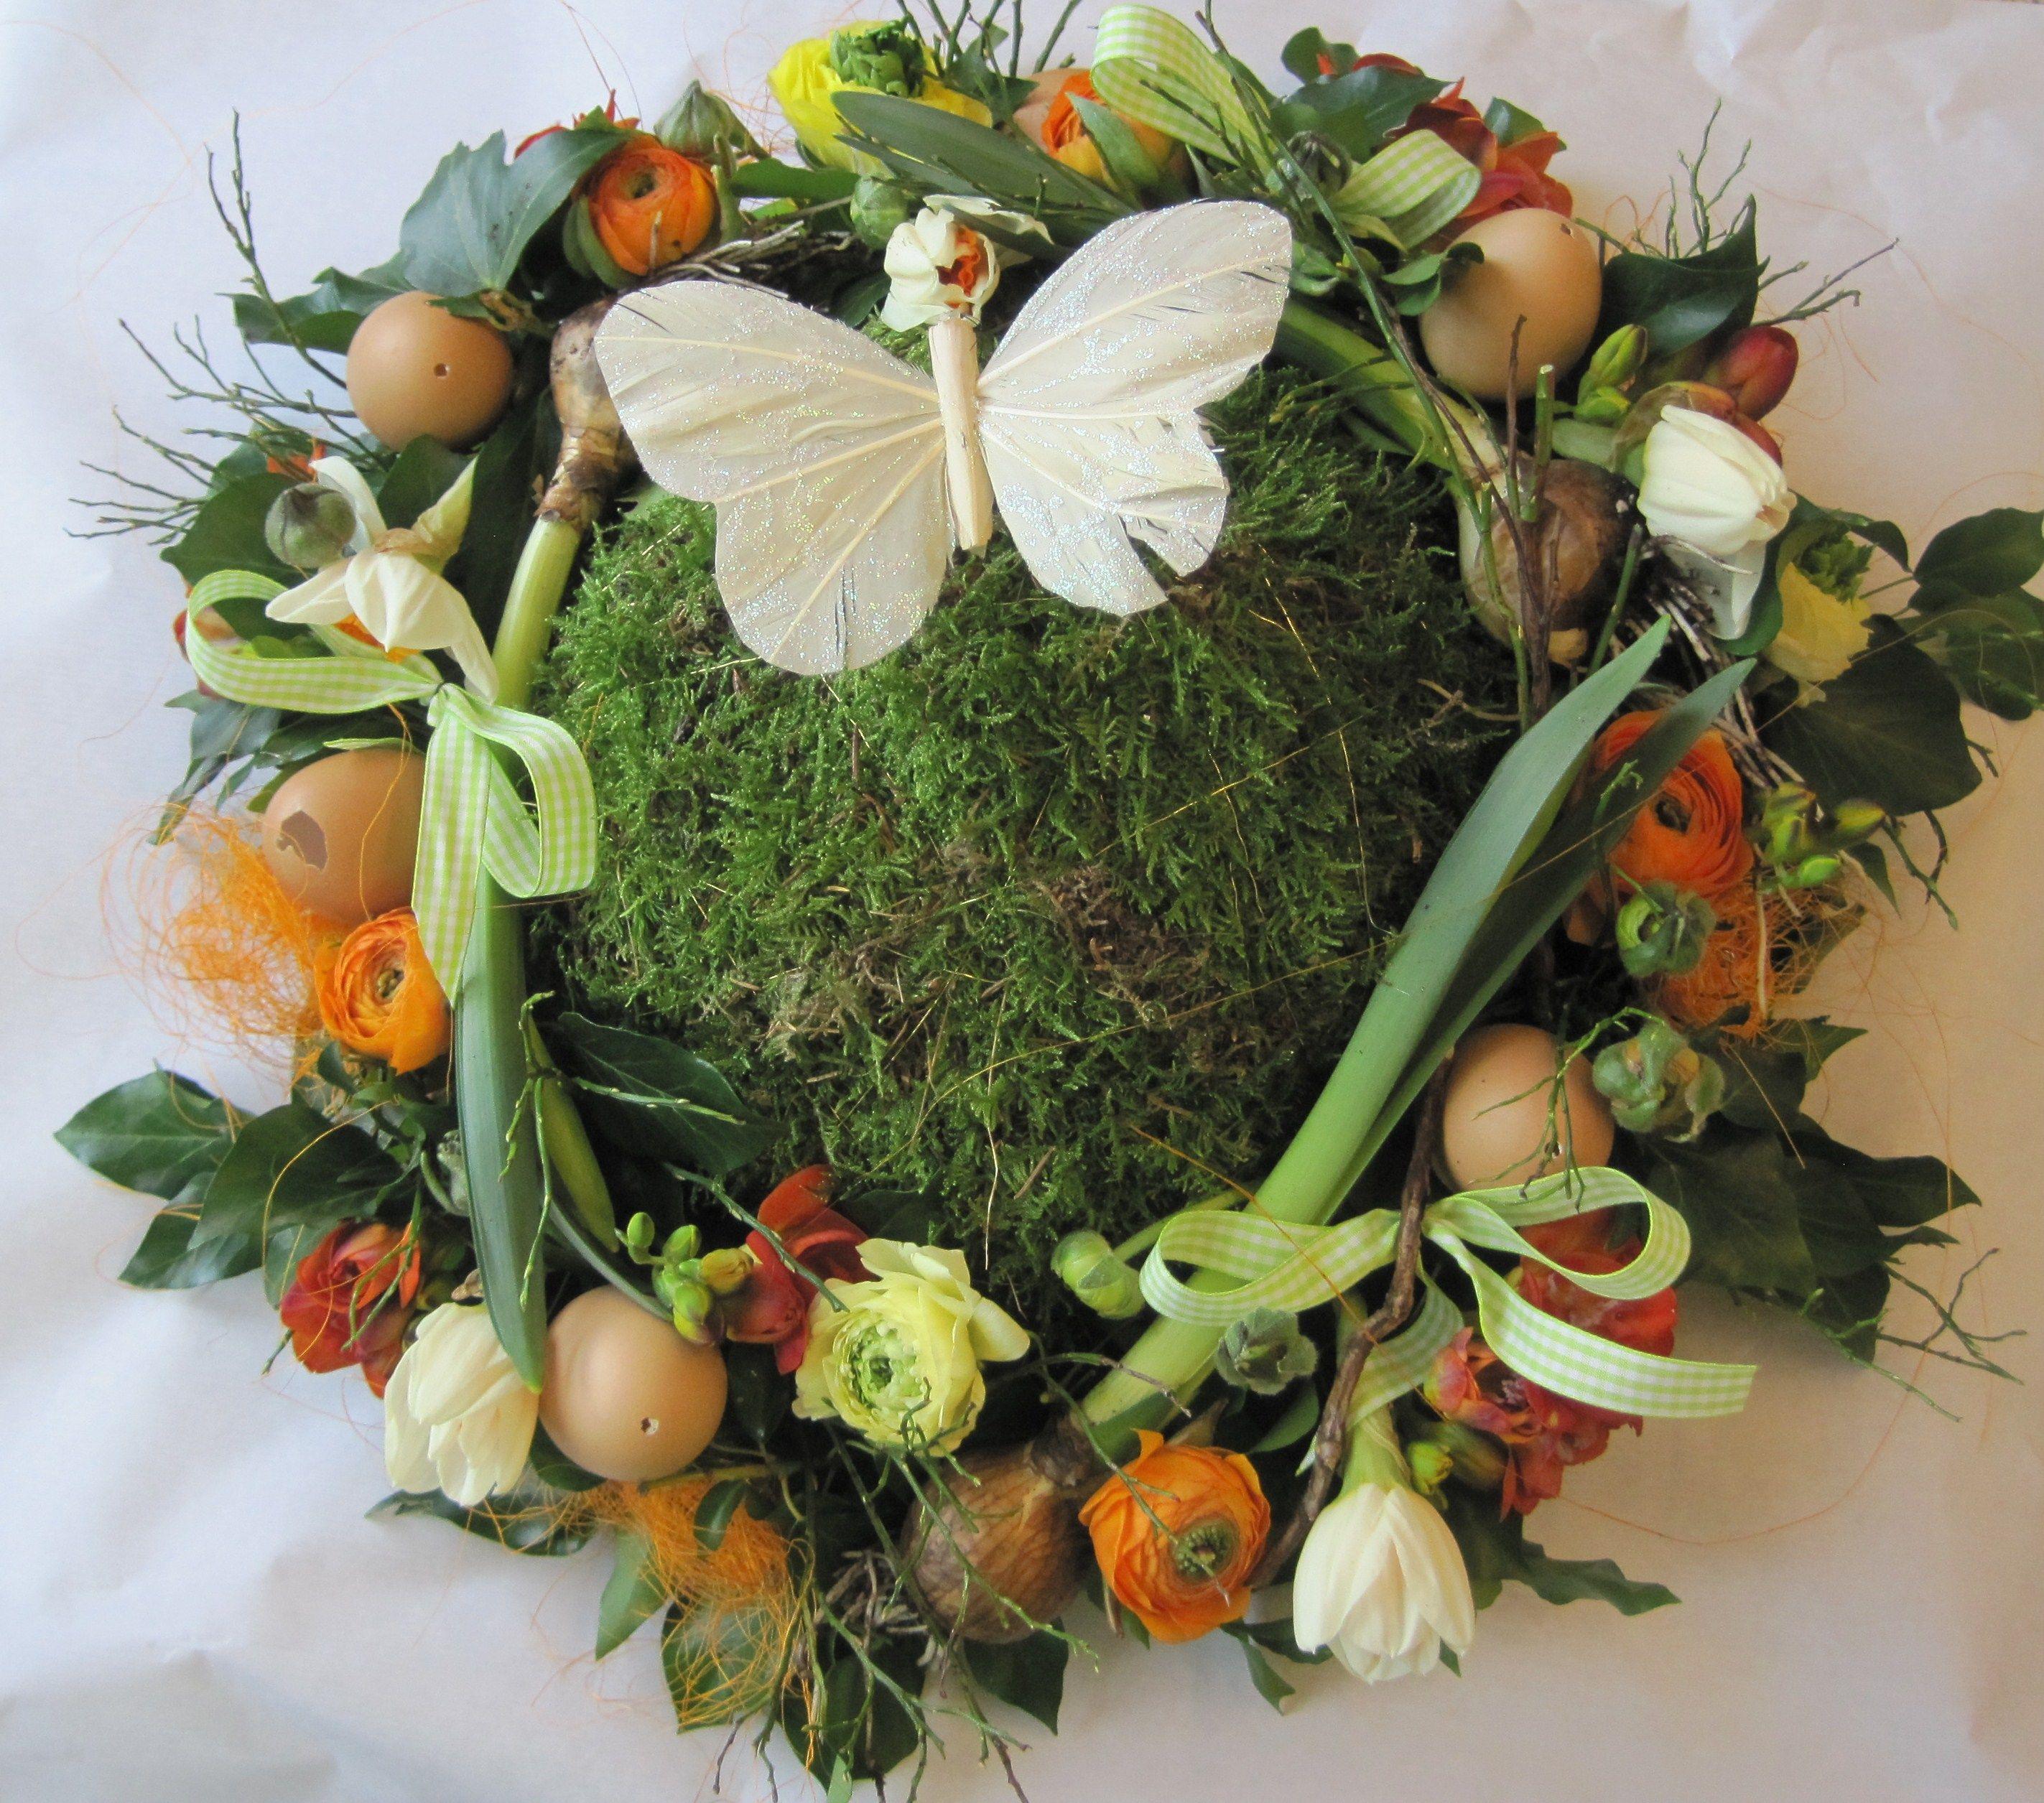 Easter arrangement Geschikt Groen Geschikt, moss, eggs, Ranunculus, Narcissus flower and bulbs, freesia, buxus,ribbon